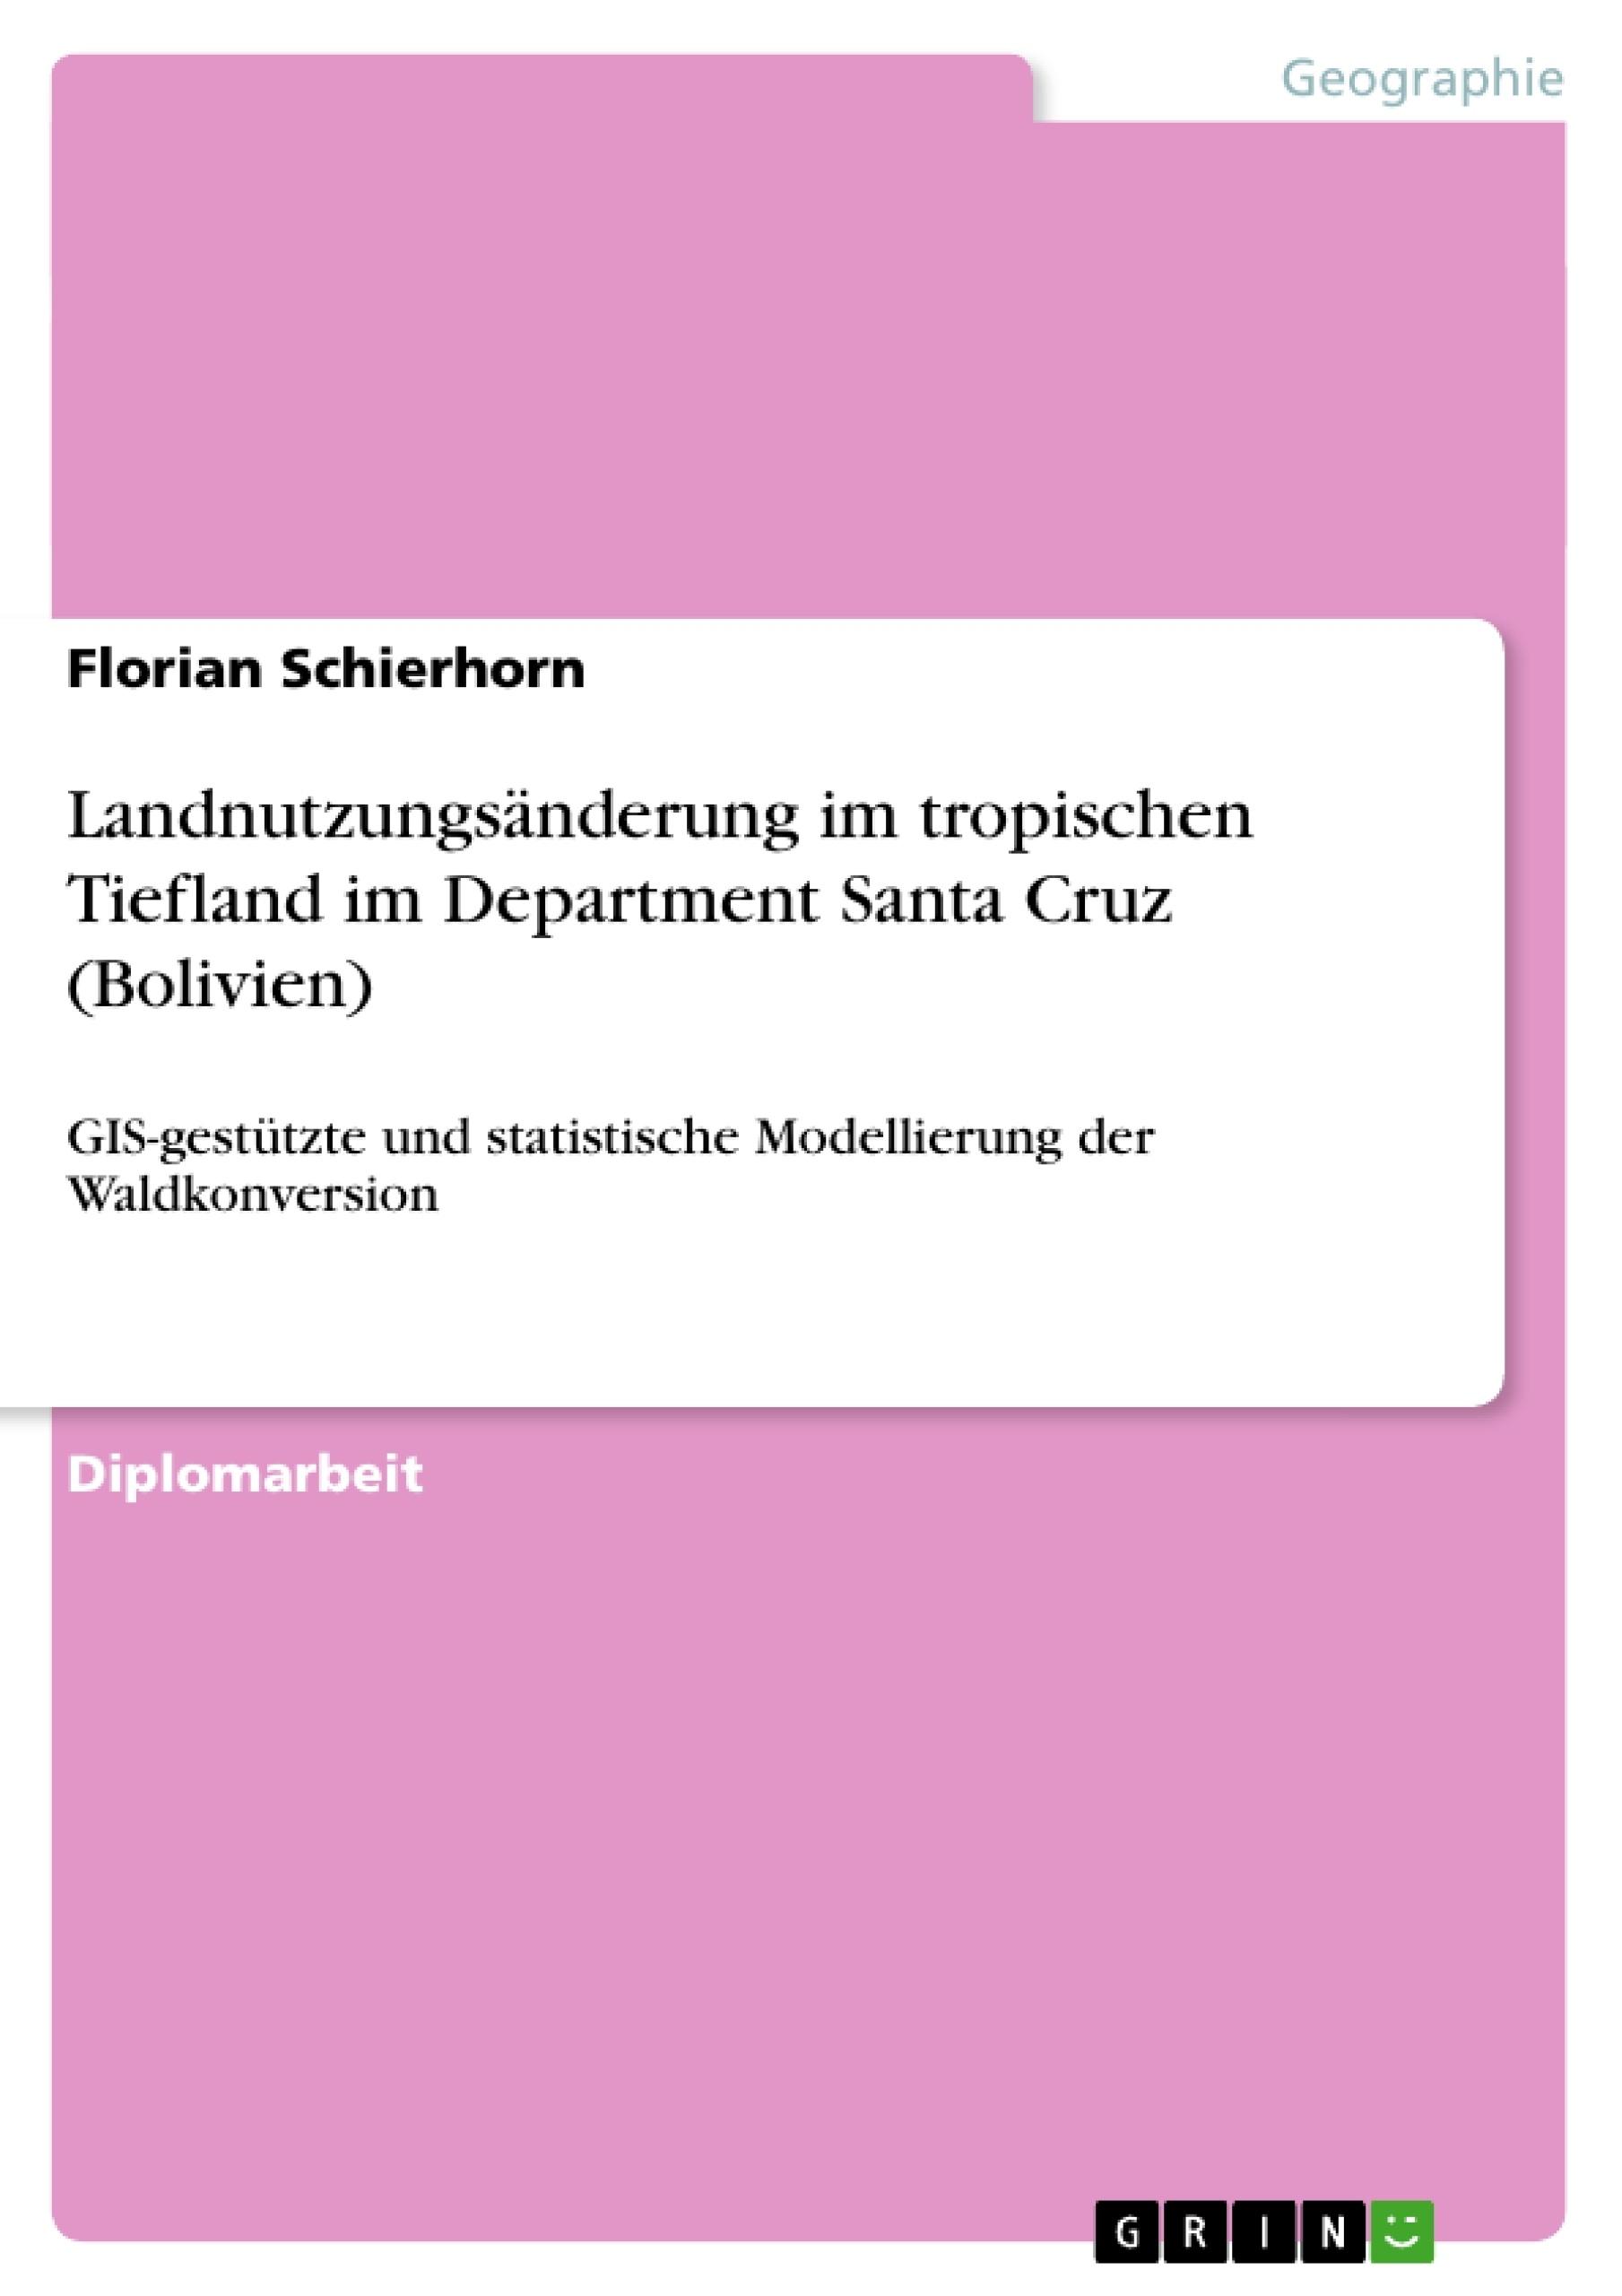 Titel: Landnutzungsänderung im tropischen Tiefland im Department Santa Cruz (Bolivien)